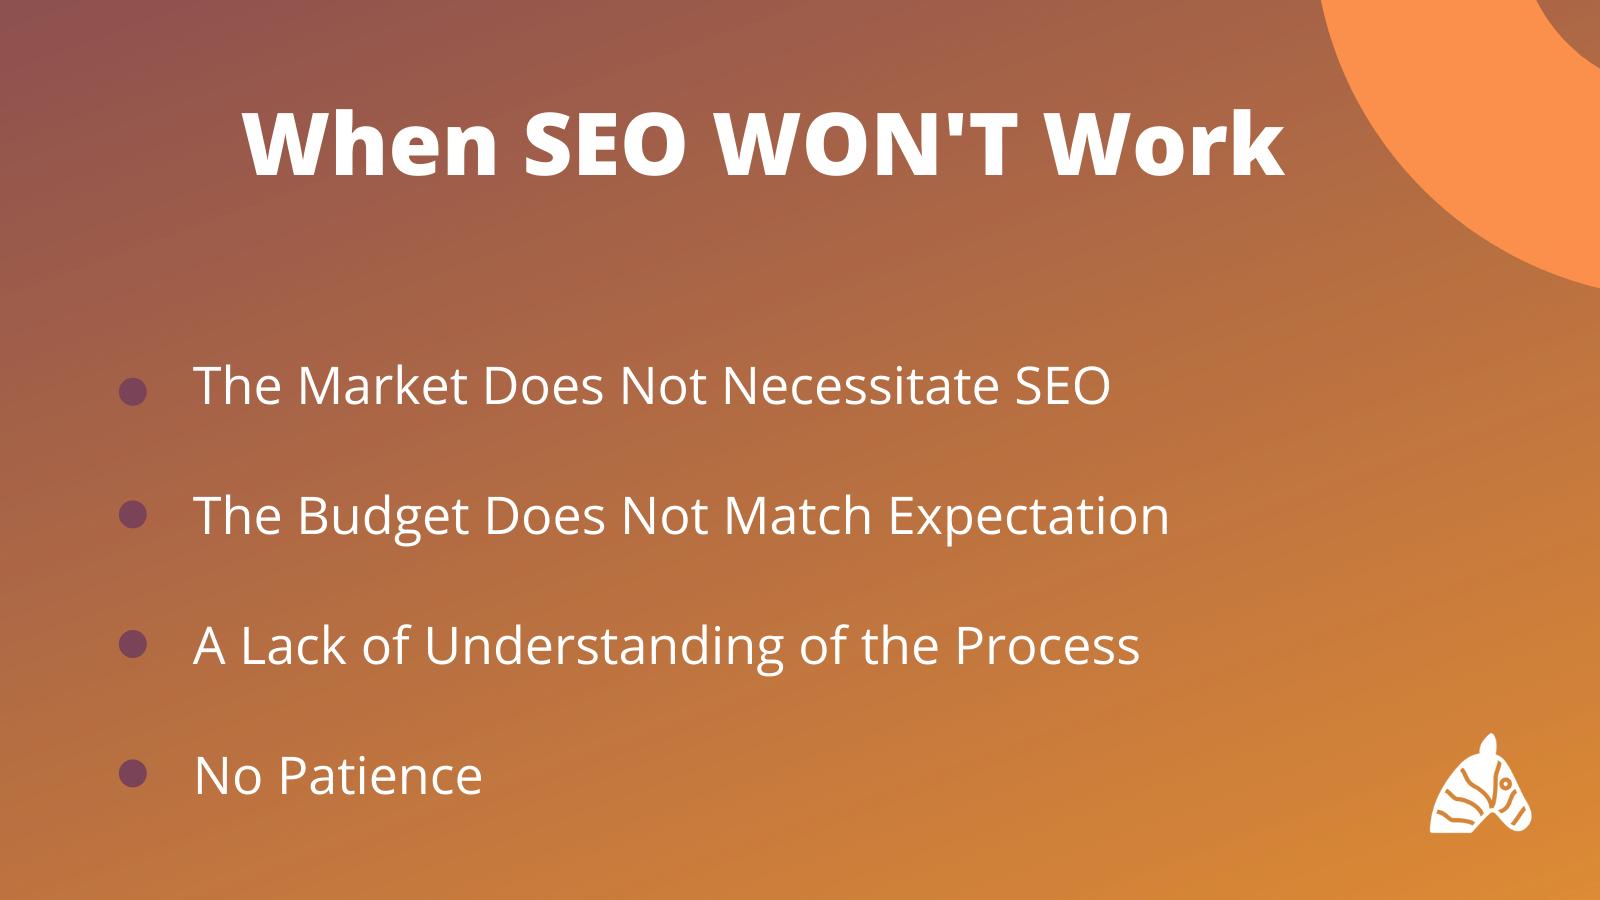 Reasons why SEO won't work